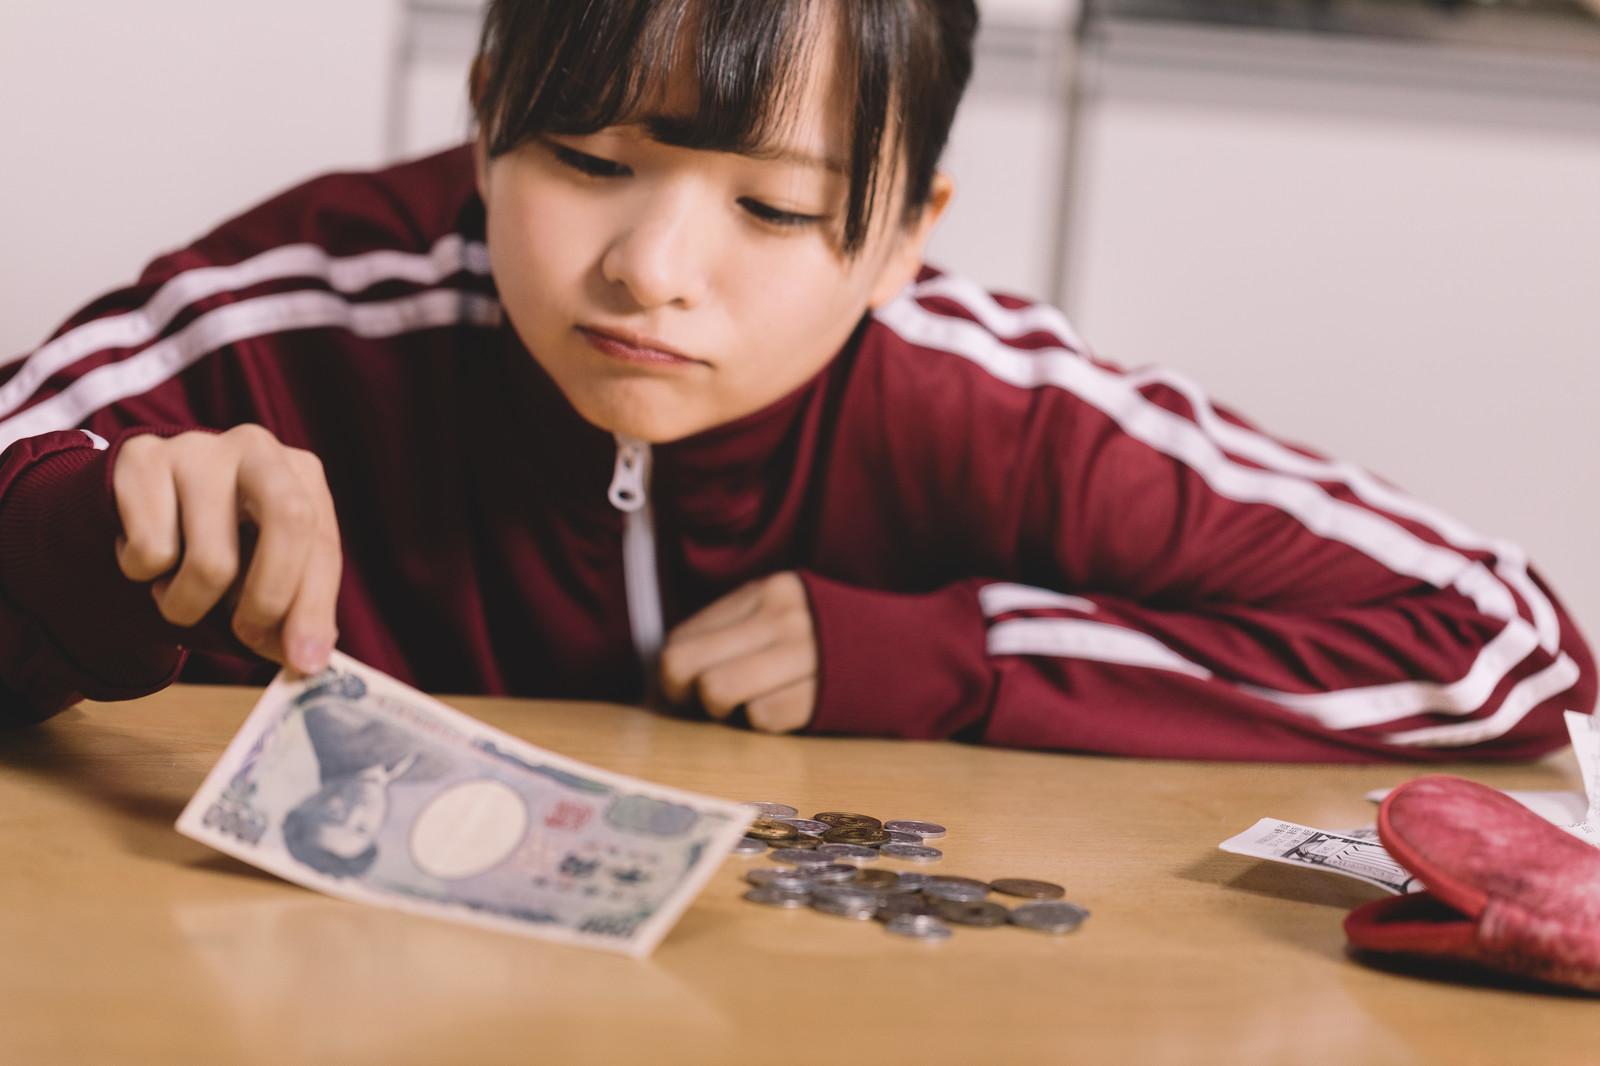 金欠 女性 女子 貧乏 貧しい